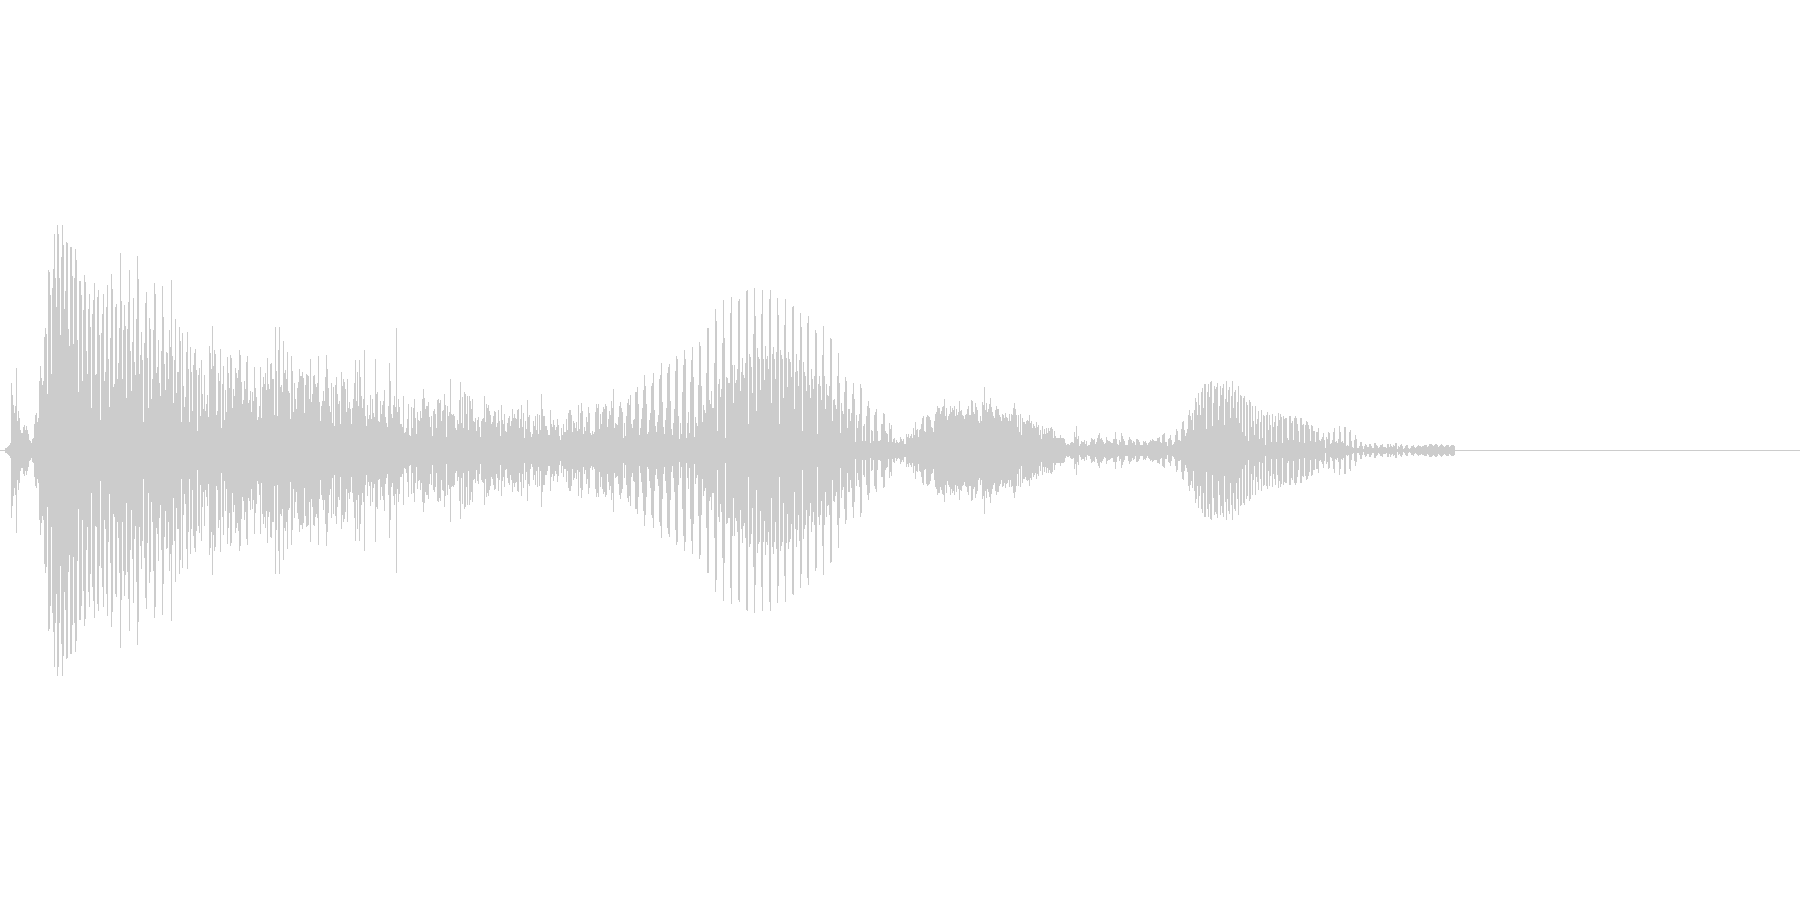 「うふふ♪」の未再生の波形